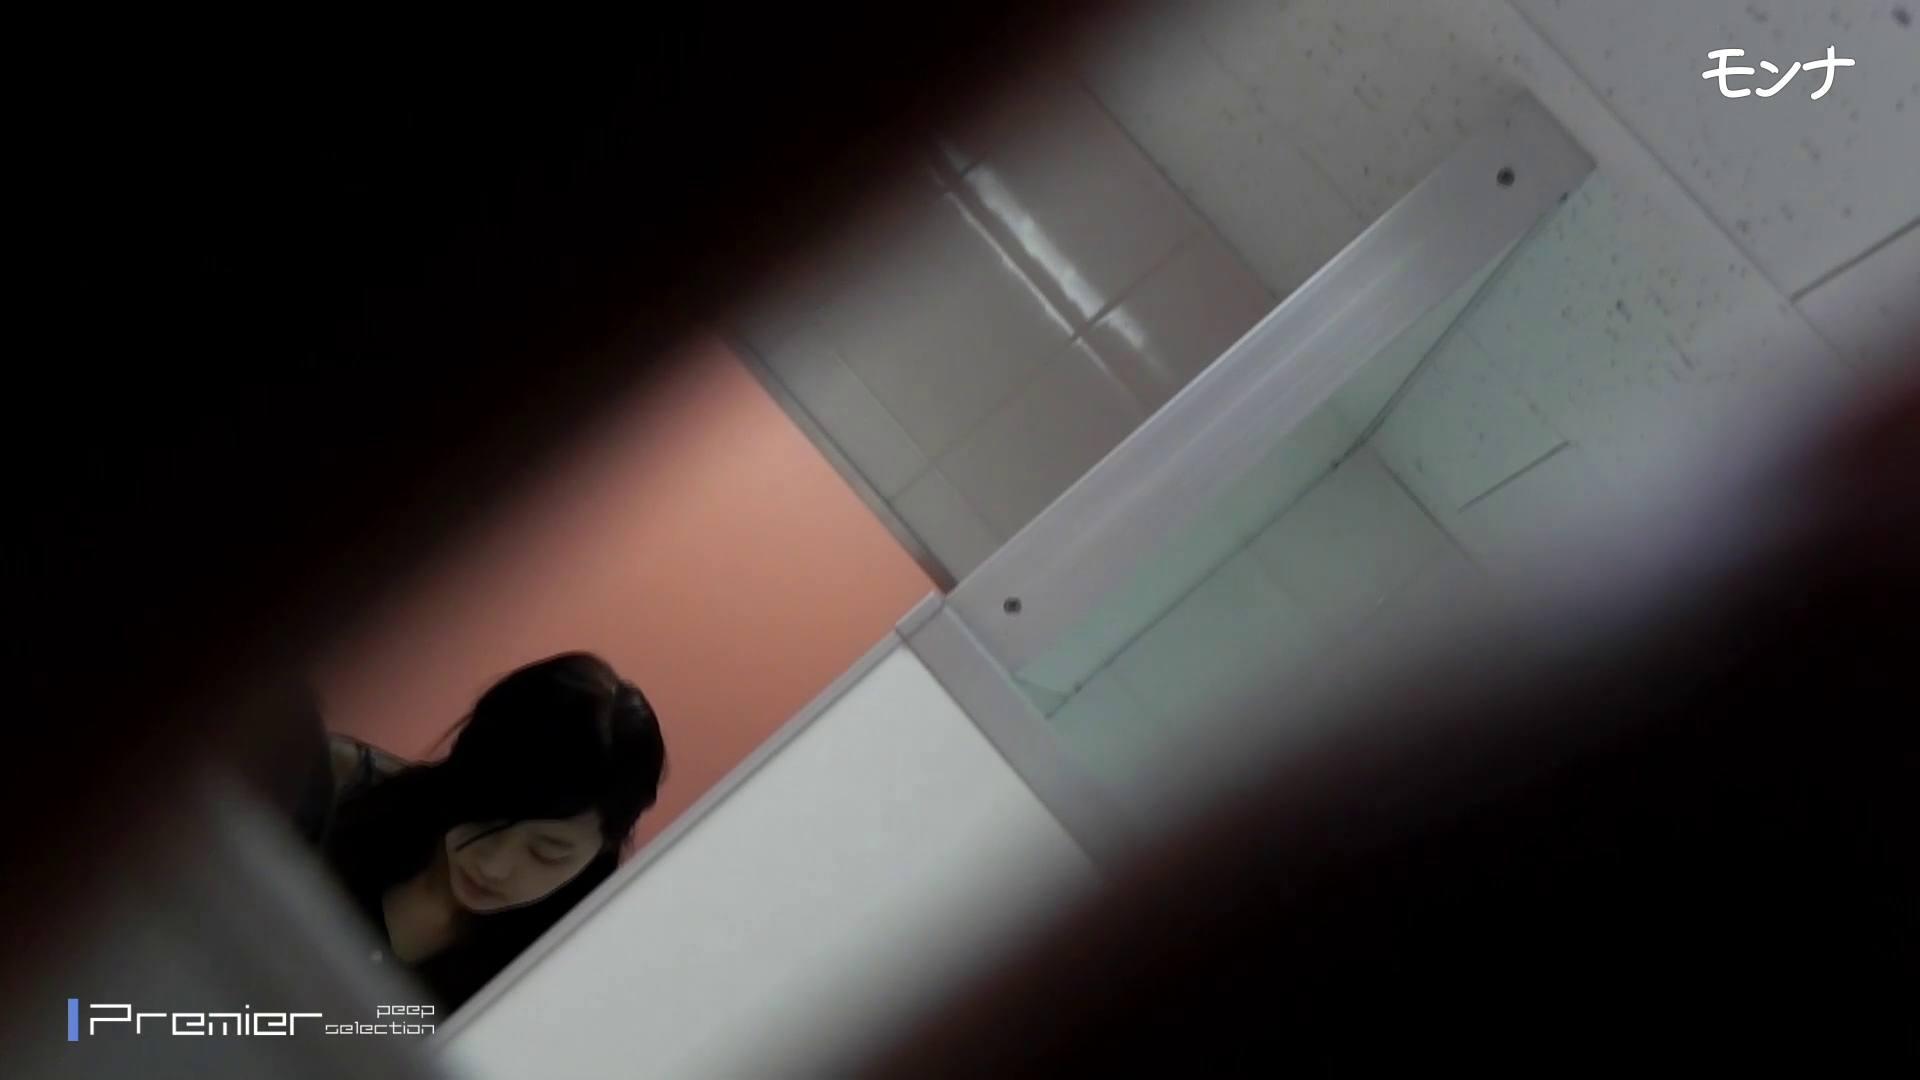 美しい日本の未来 No.72 絶秒なバックショット 洗面所のぞき スケベ動画紹介 97枚 26